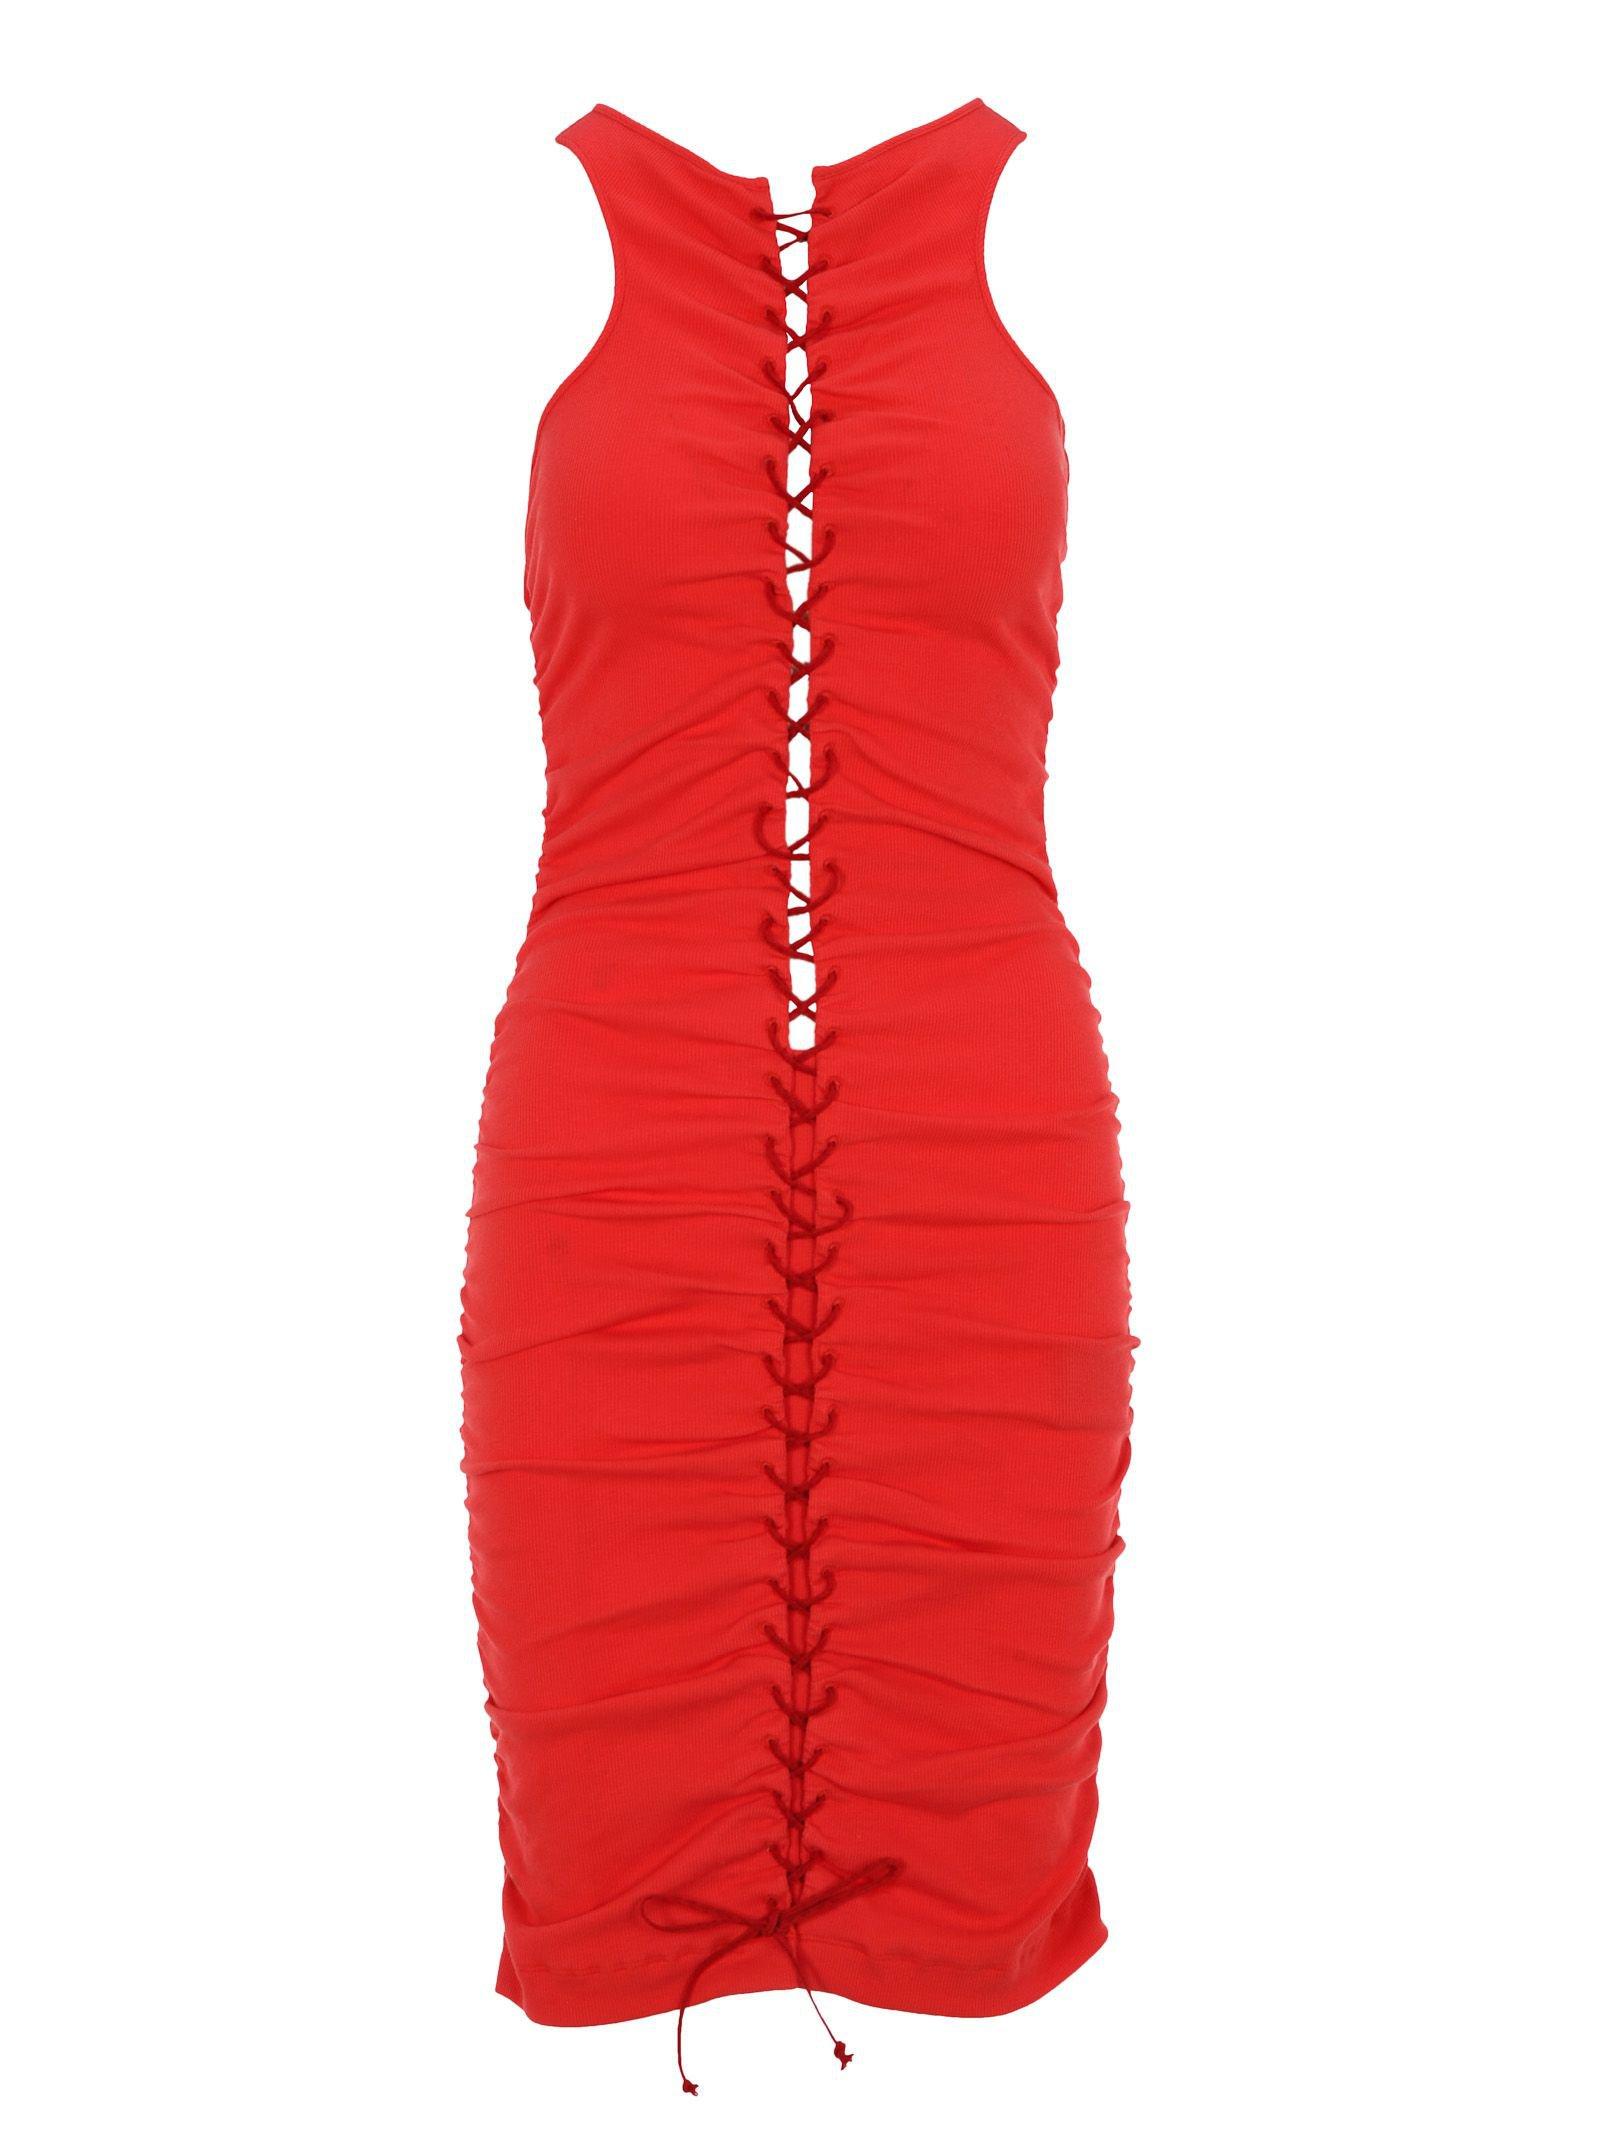 Unravel Unravel Project Lace-up Dress